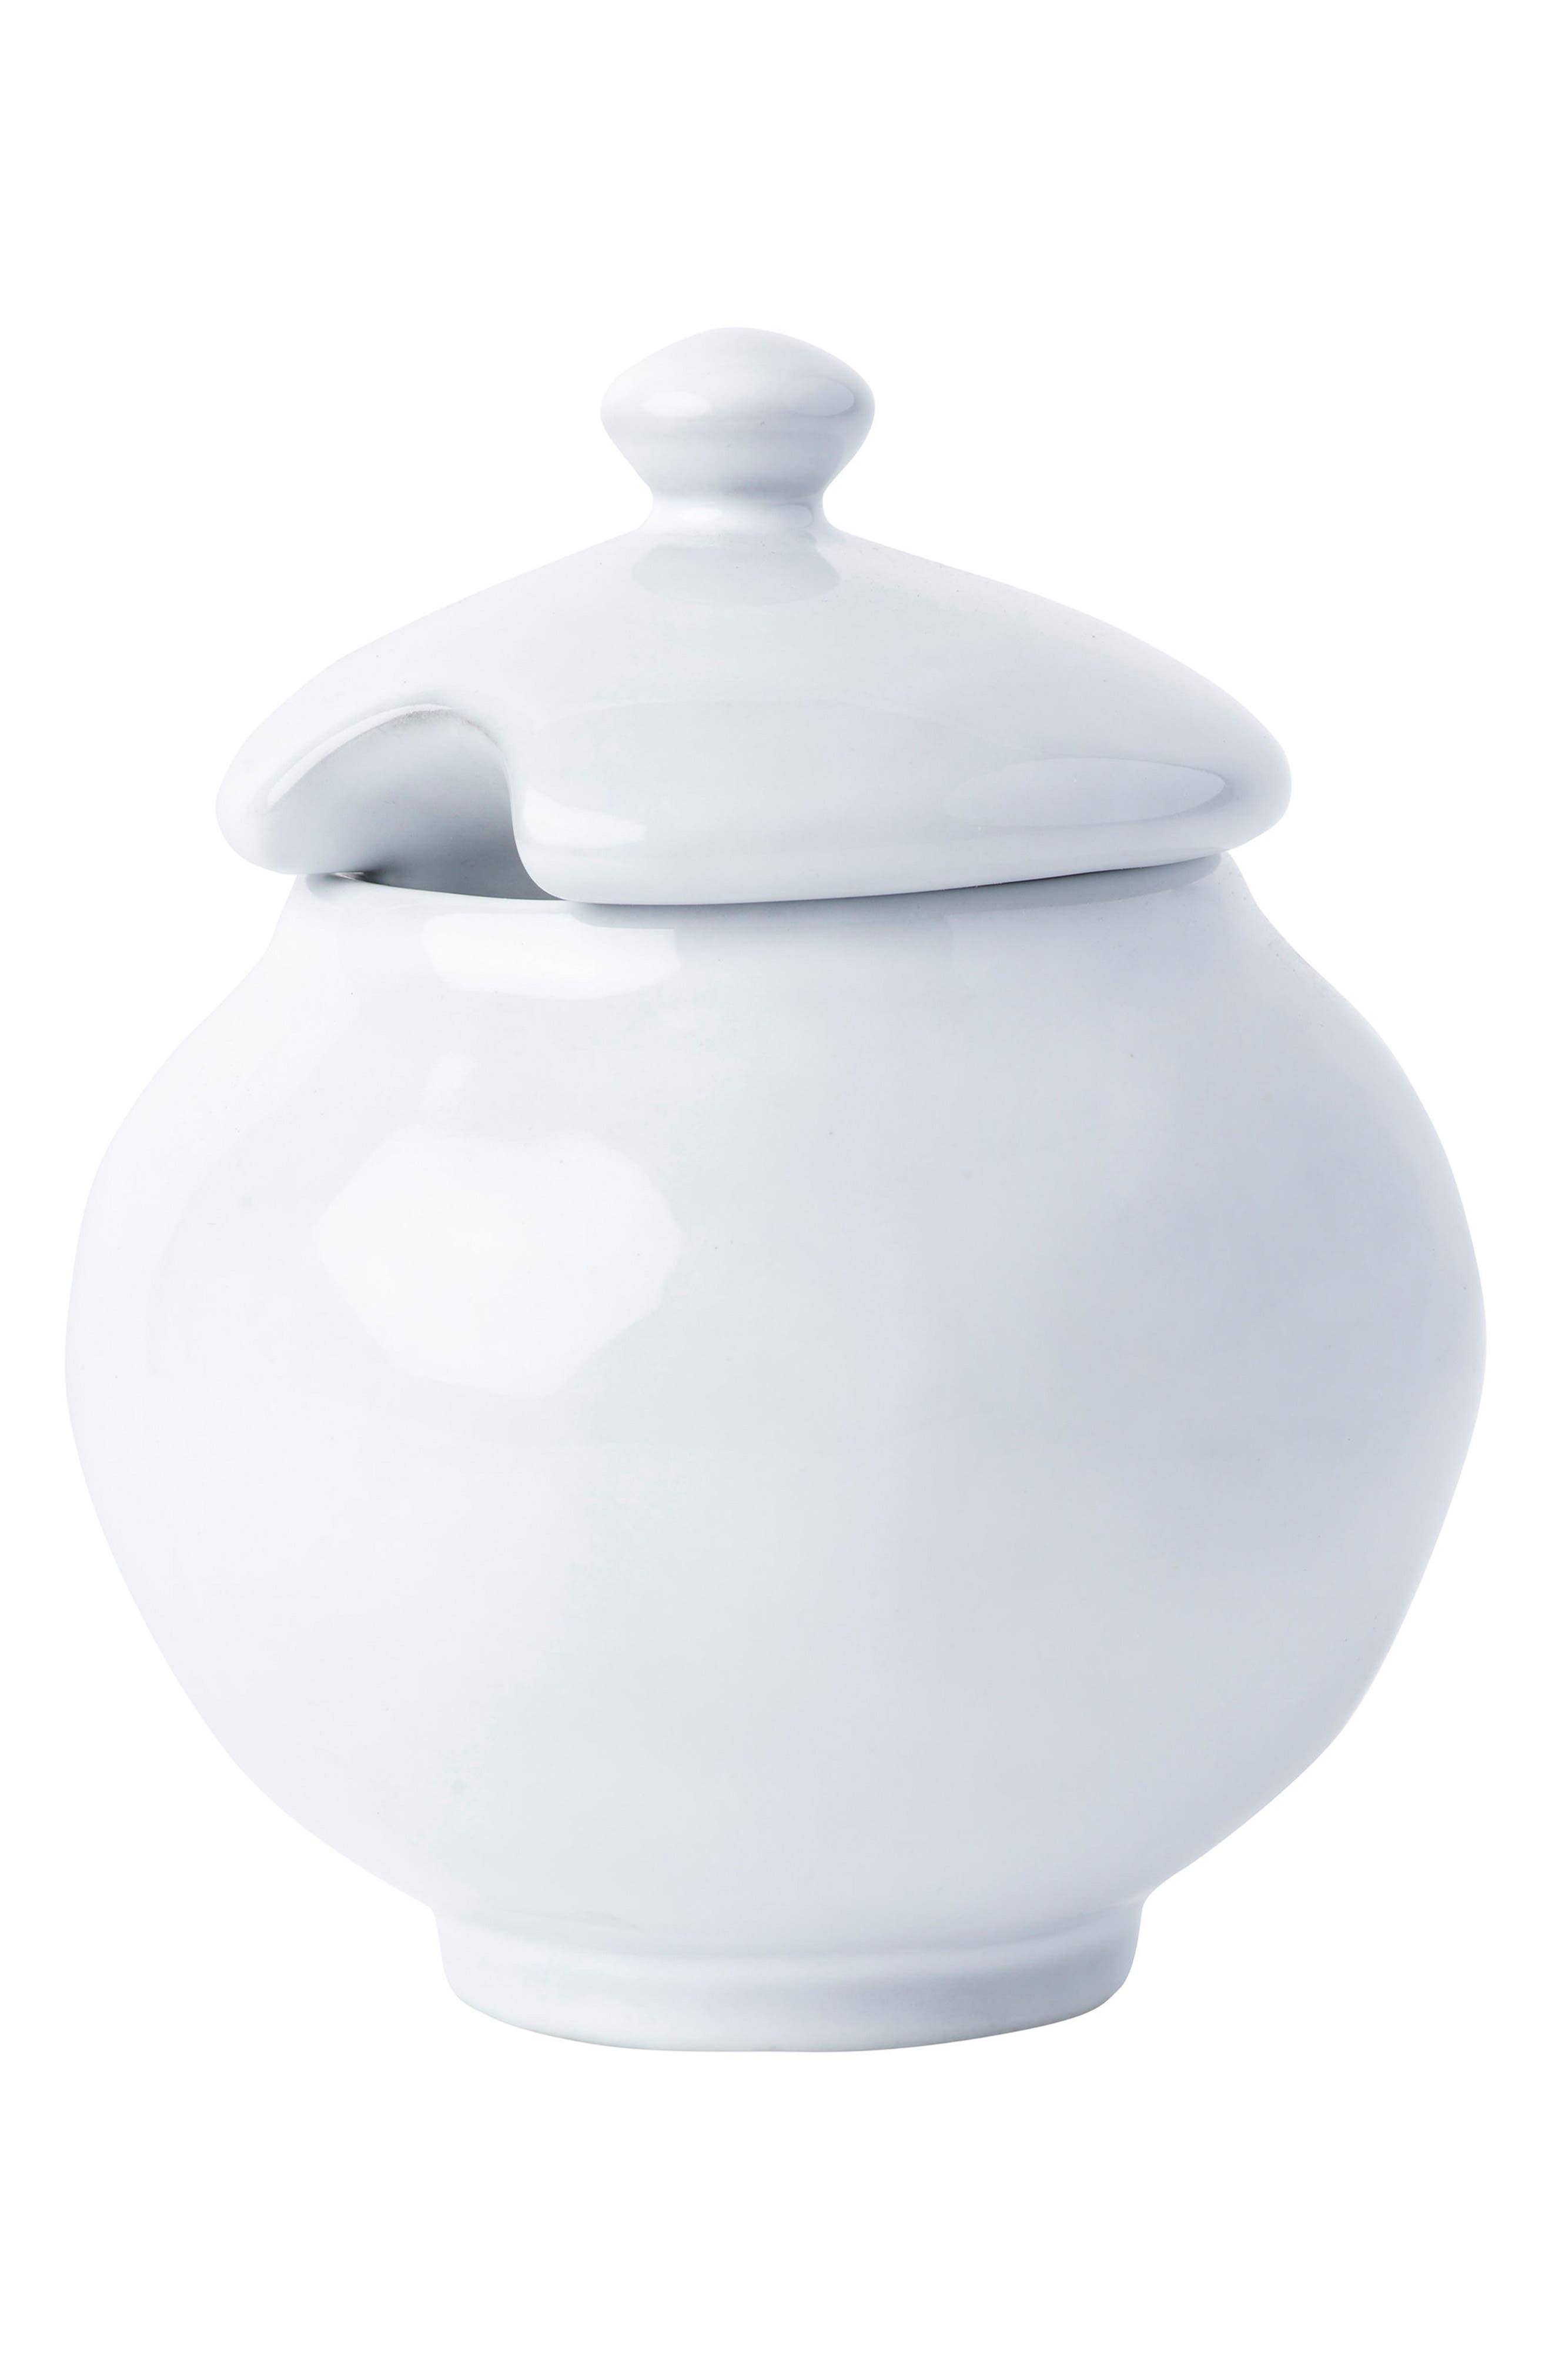 Alternate Image 1 Selected - Juliska Quotidien White Truffle Ceramic Sugar Bowl